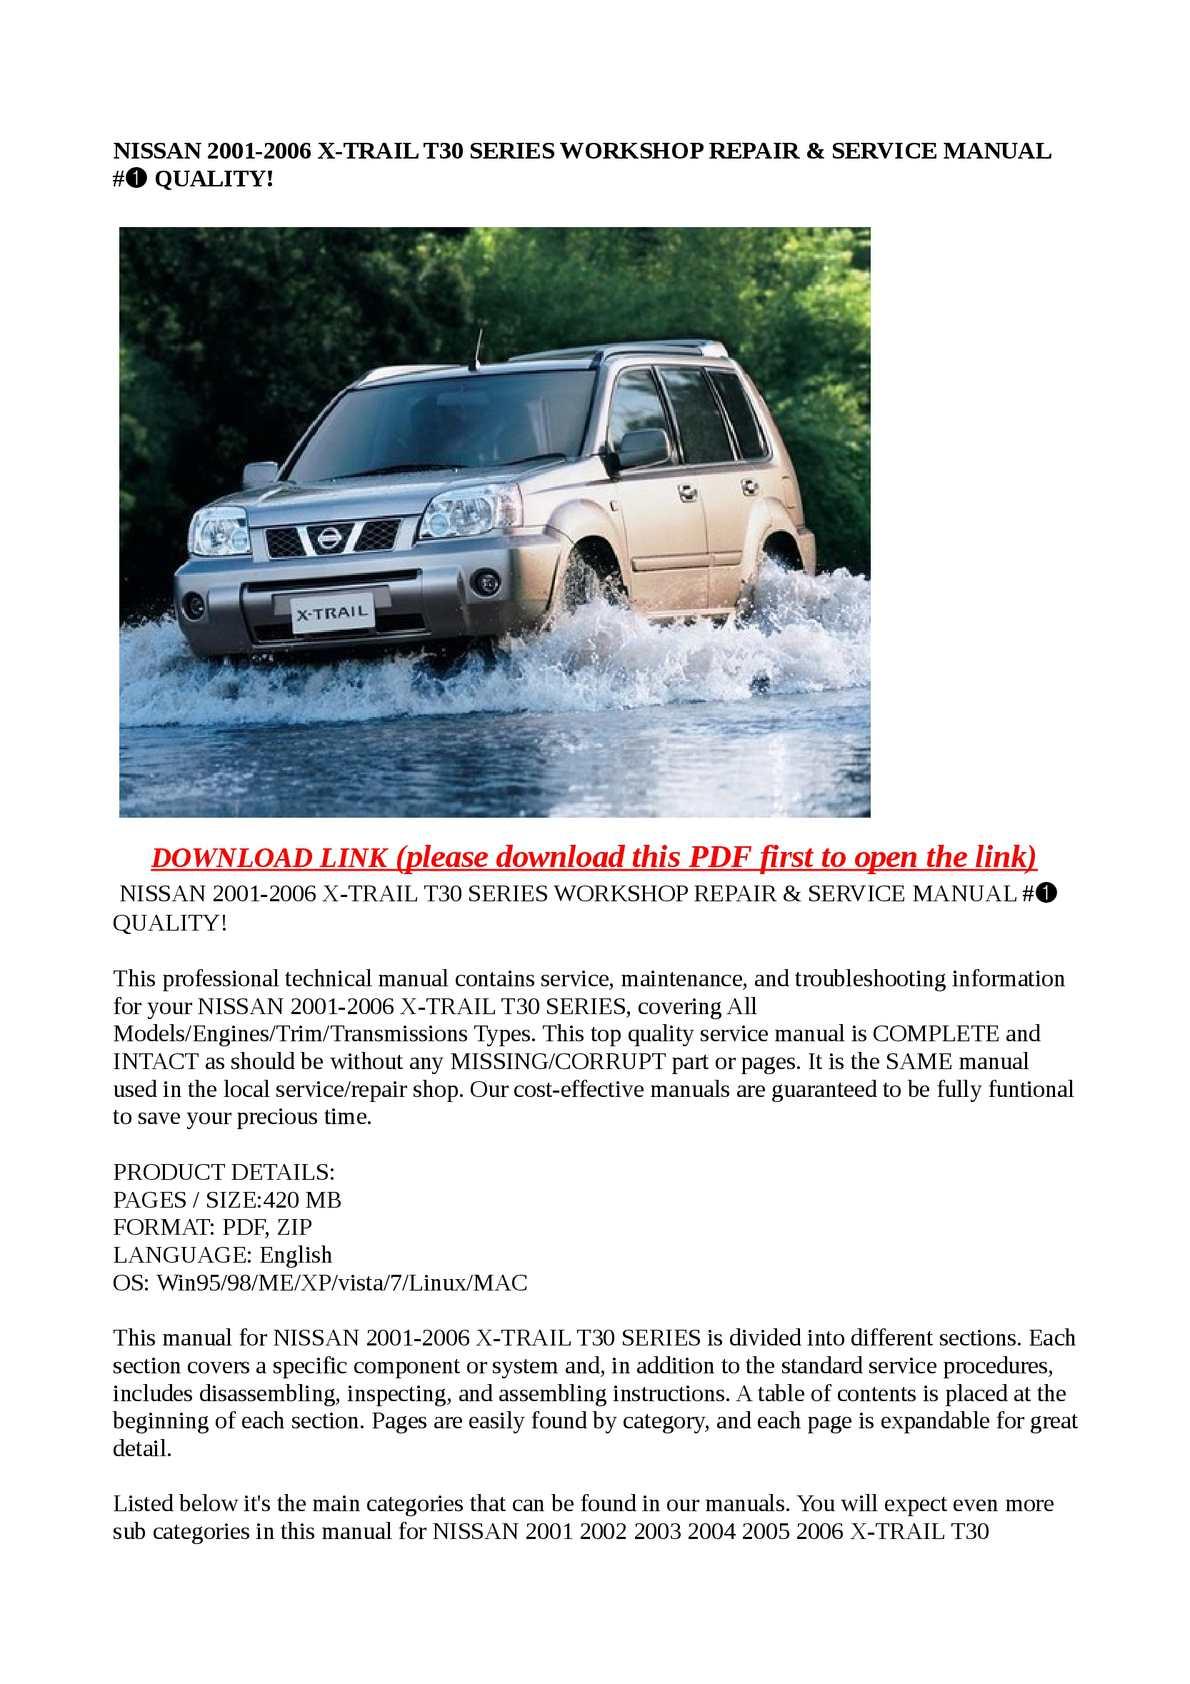 calam o nissan 2001 2006 x trail t30 series workshop repair rh calameo com 2004 Jaguar X-Type Manual 2004 Jeep Grand Cherokee Manual